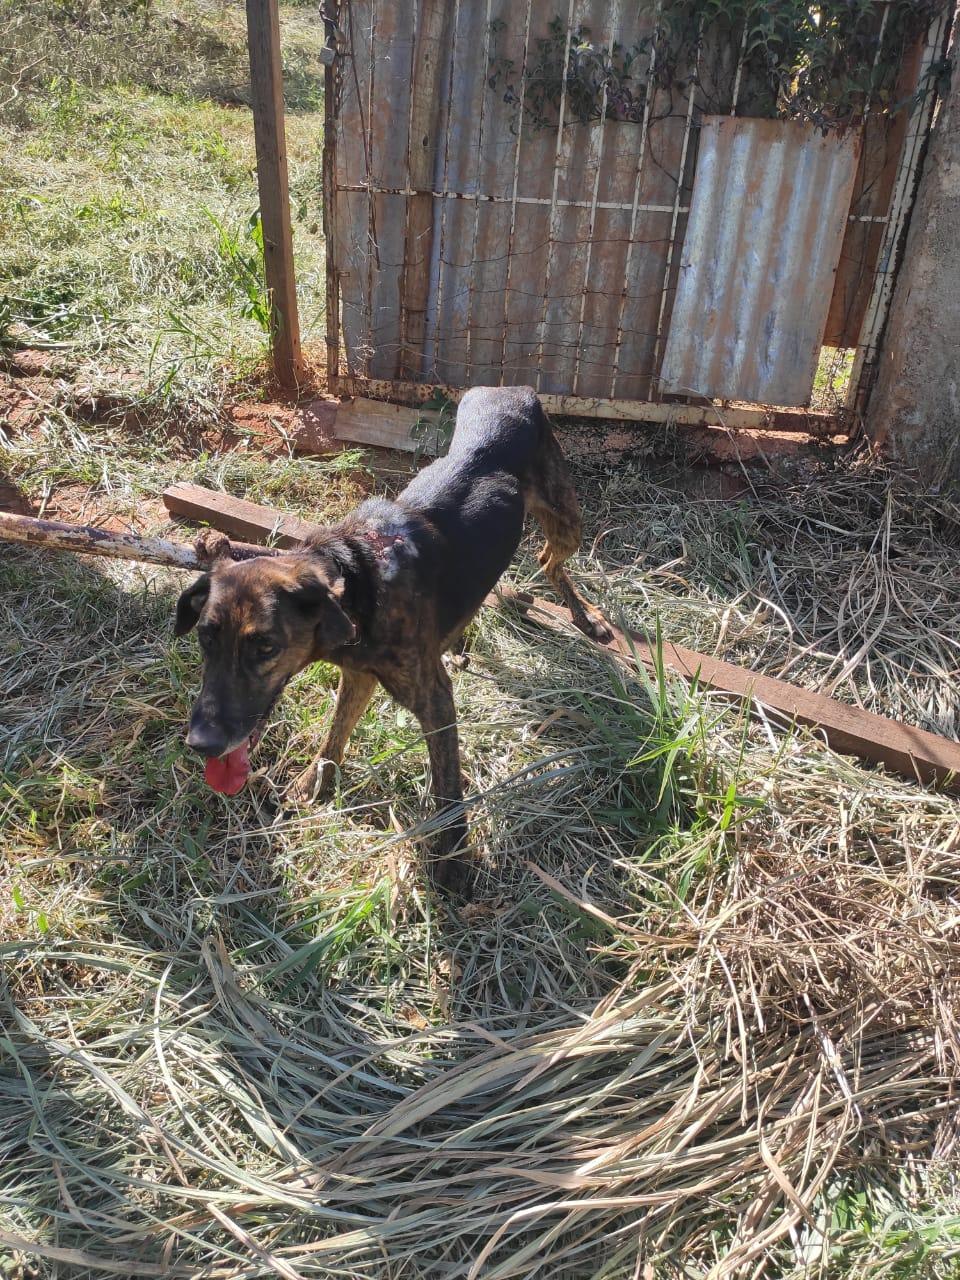 Polícia resgata sete cães em situação de maus-tratos em Pará de Minas - Foto: Divulgação/PCMG